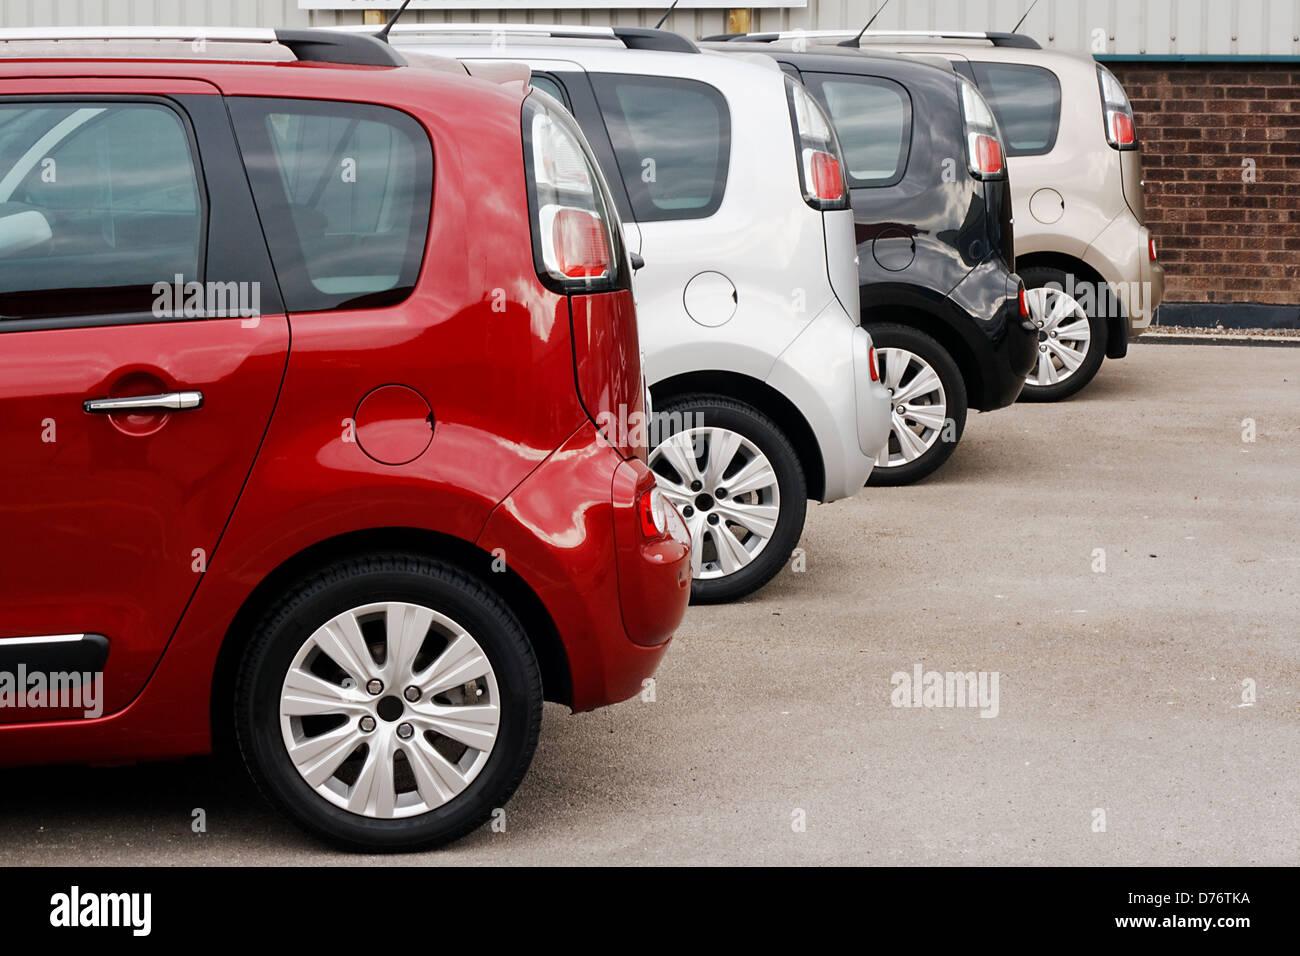 Reihe von neuen Autos für den Einzelverkauf in einem motor Händler Hof zeigt dasselbe Modell in verschiedenen Stockbild